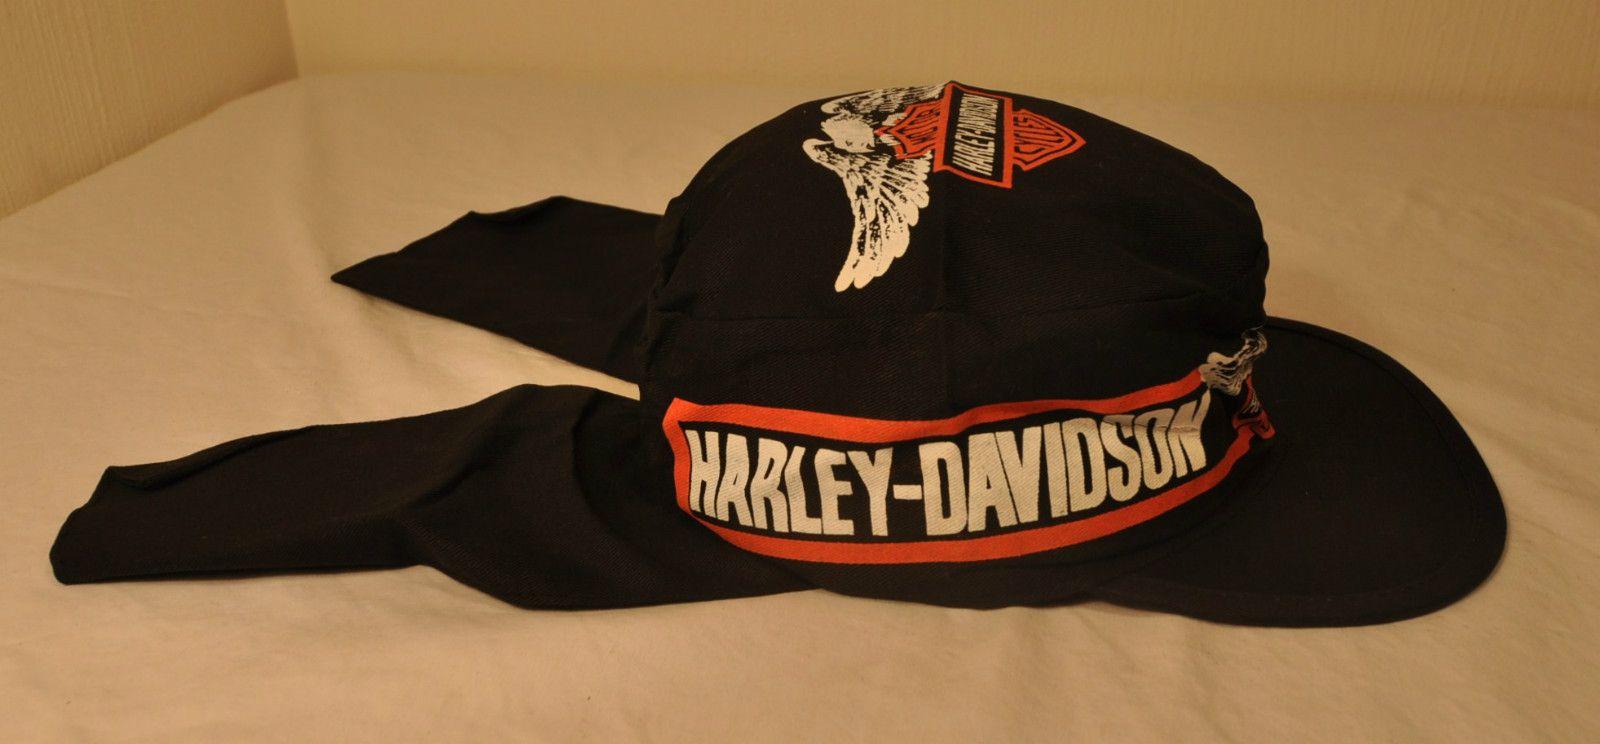 Harley Davidson 80 s flap painters cap  922a5887d6f